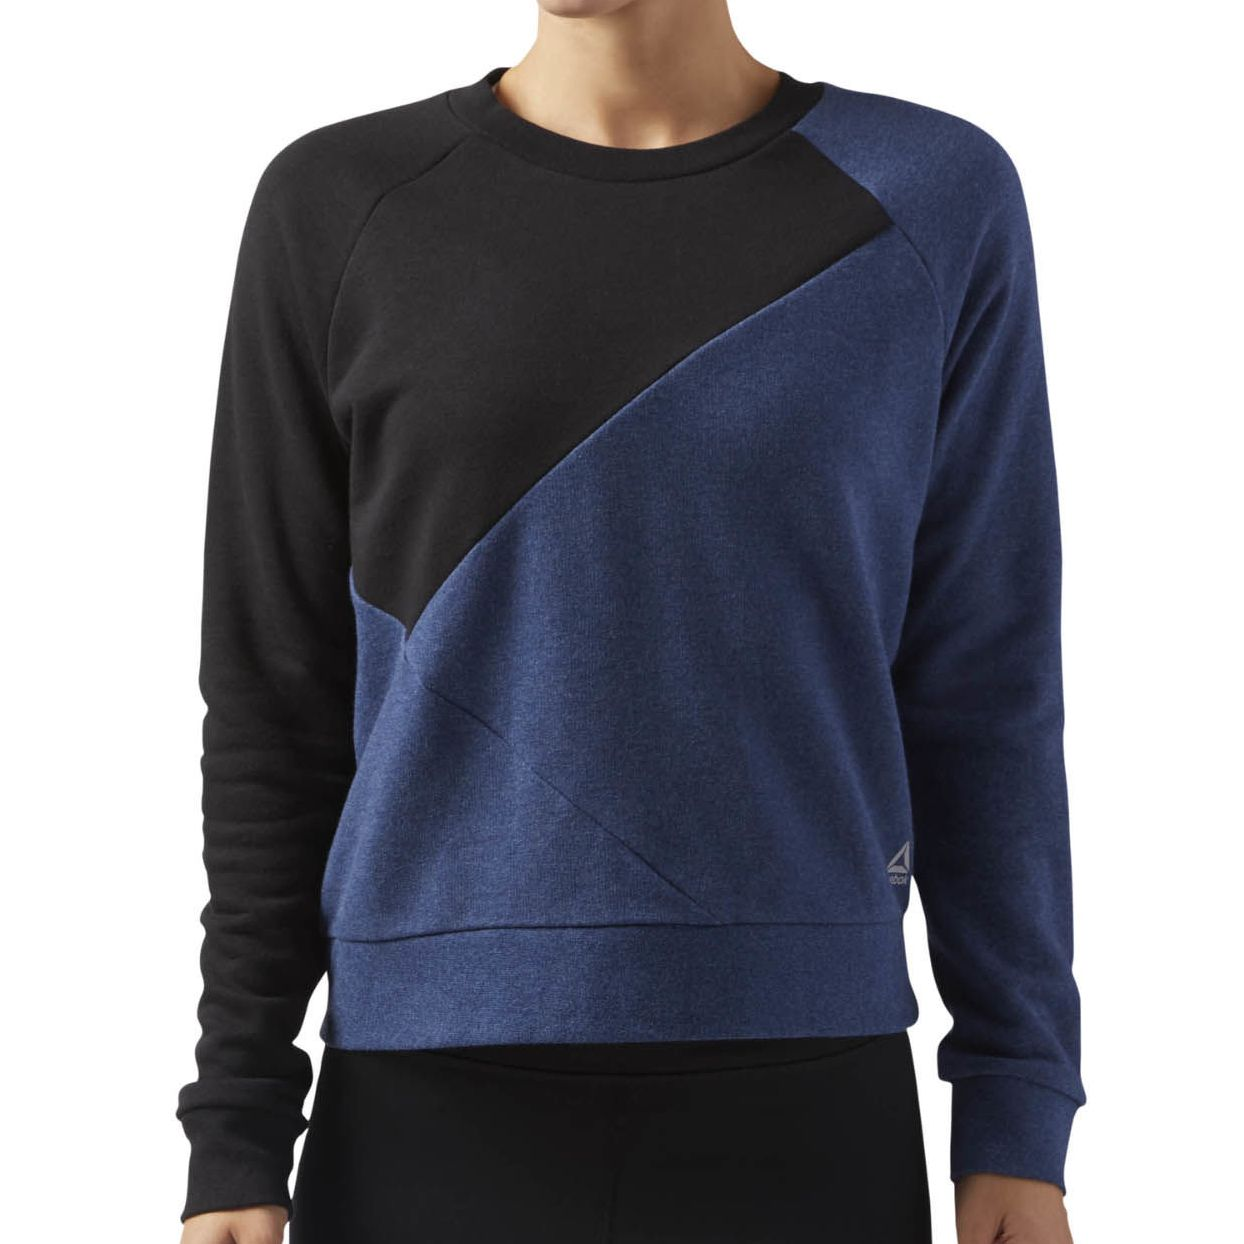 Свитшот женский Reebok Wor Cs Crew Sweat, цвет: черный, синий. CE4500. Размер XL (52/54)CE4500